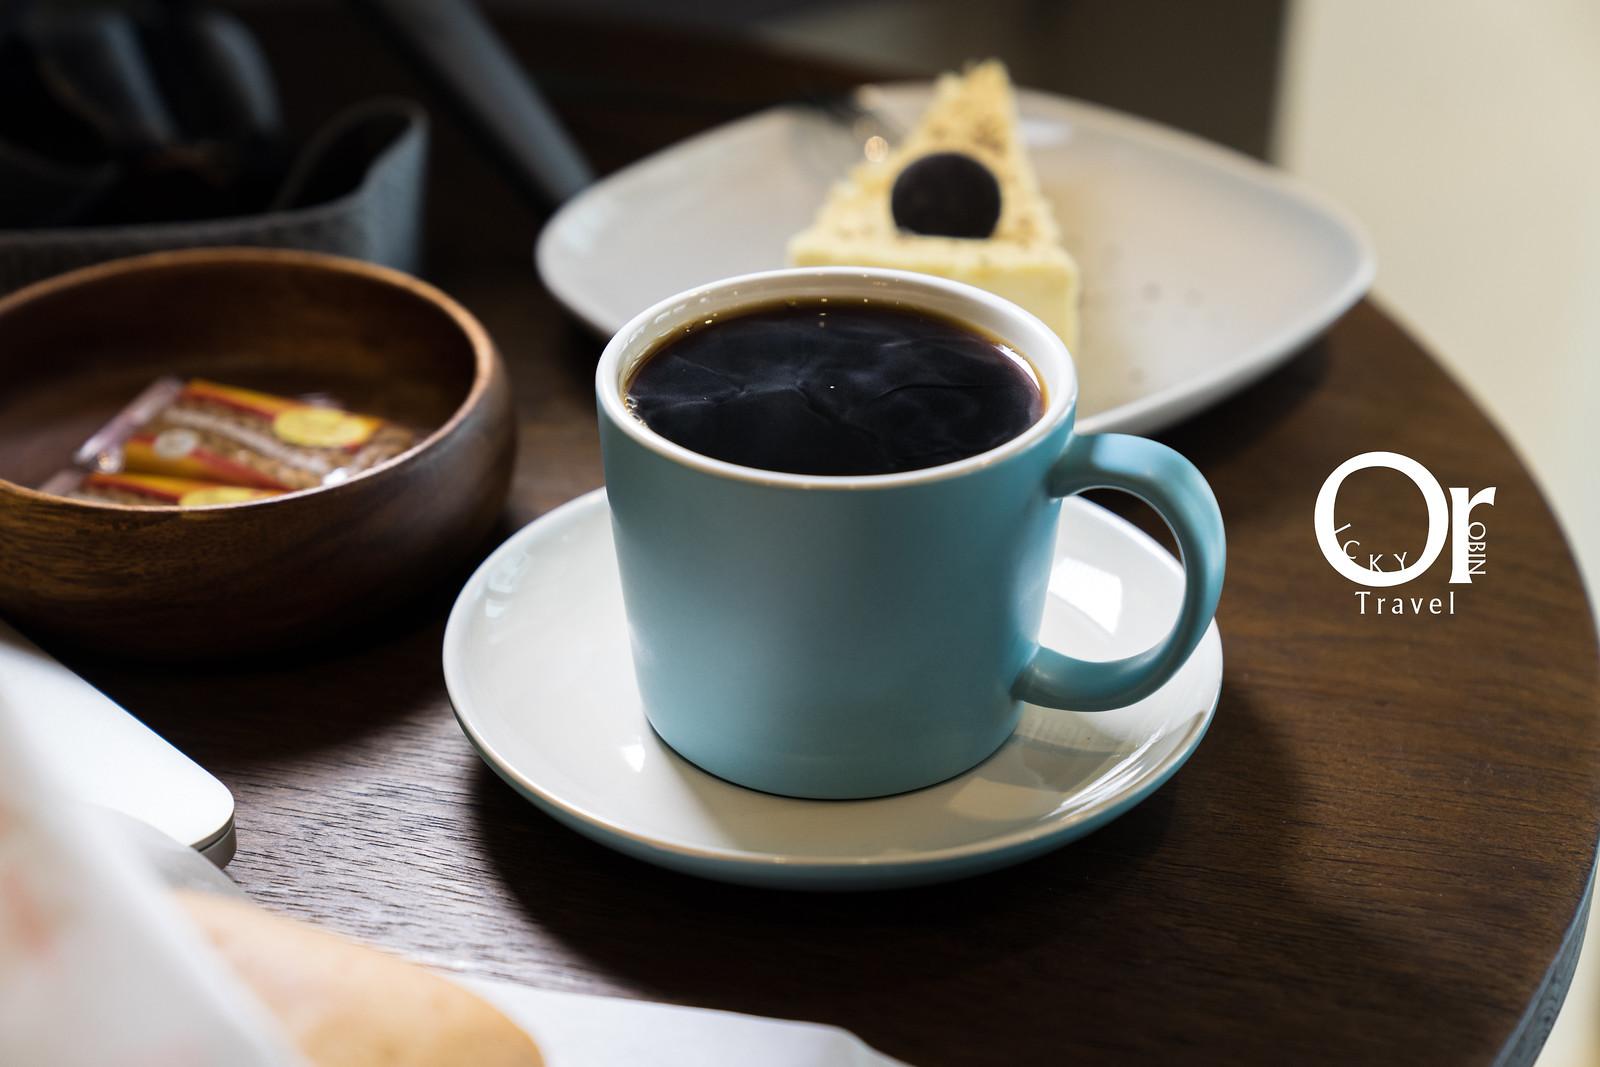 士林咖啡廳|左巴咖啡,藏在巷子內的咖啡店,烘豆職人精神,每一杯手沖單品咖啡都能有不同層次的驚喜